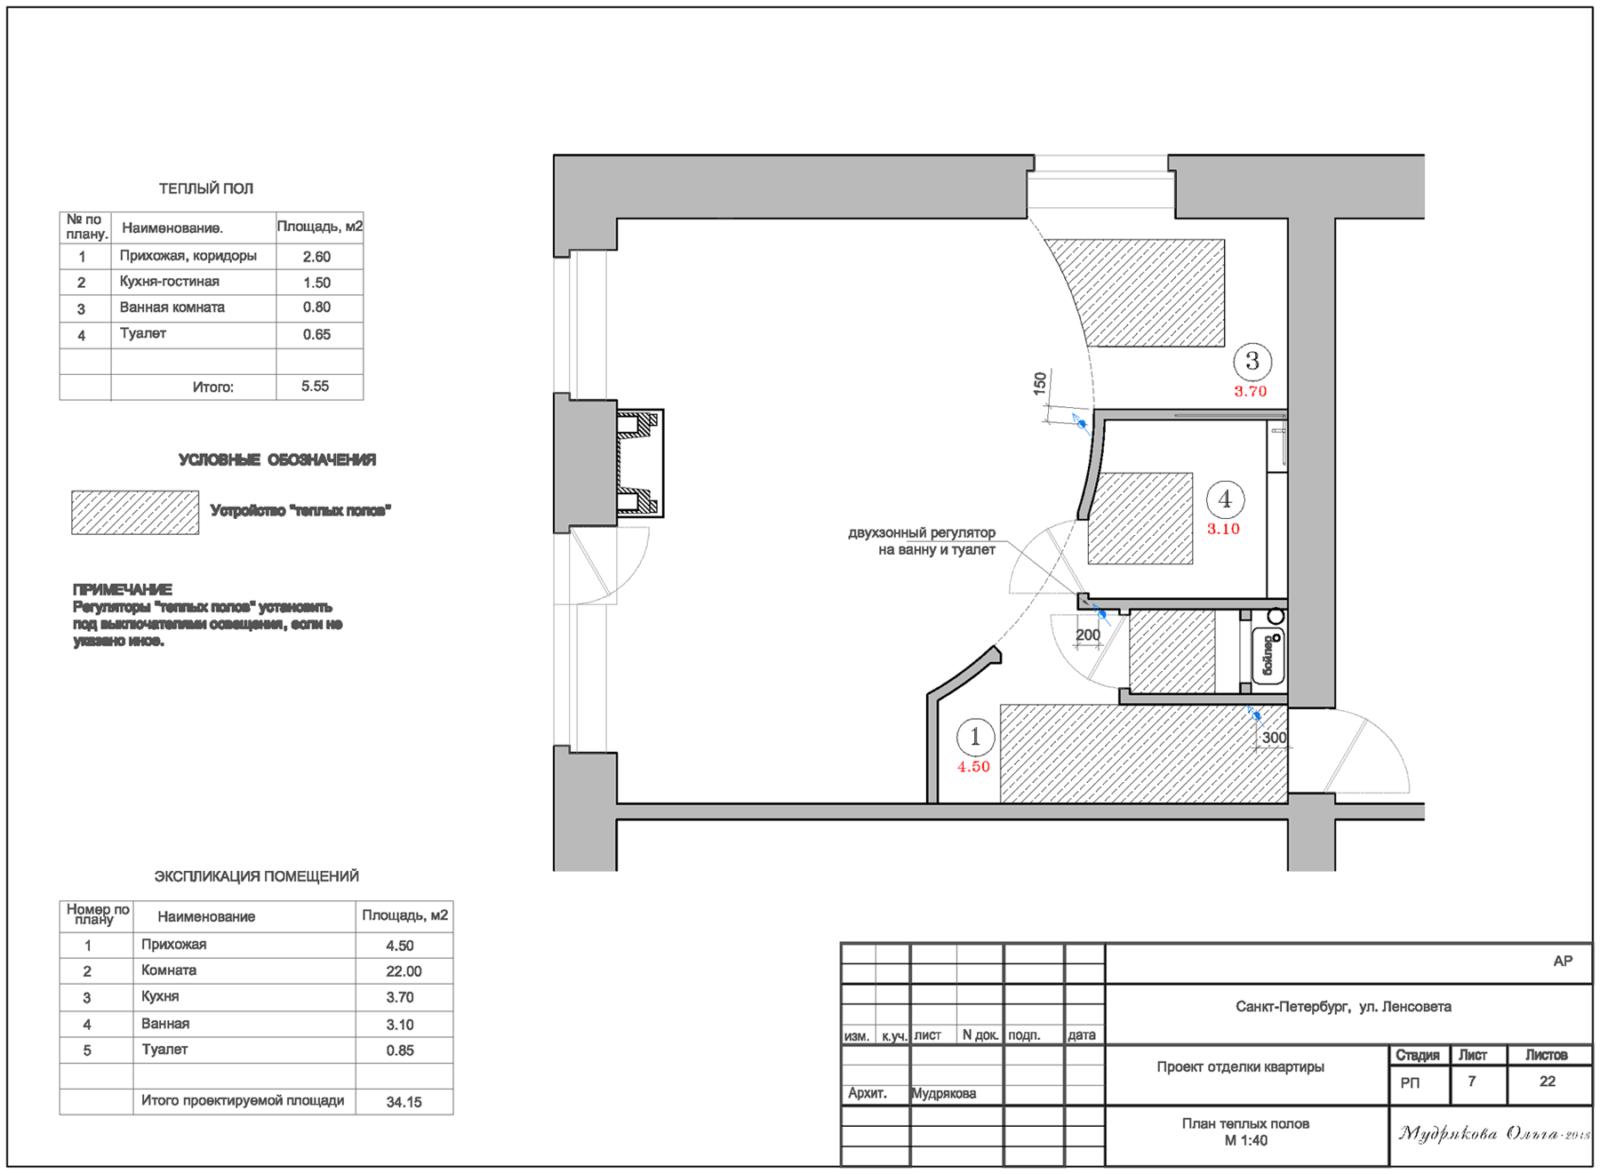 Разработка концепции ресторана - дизайн концепция